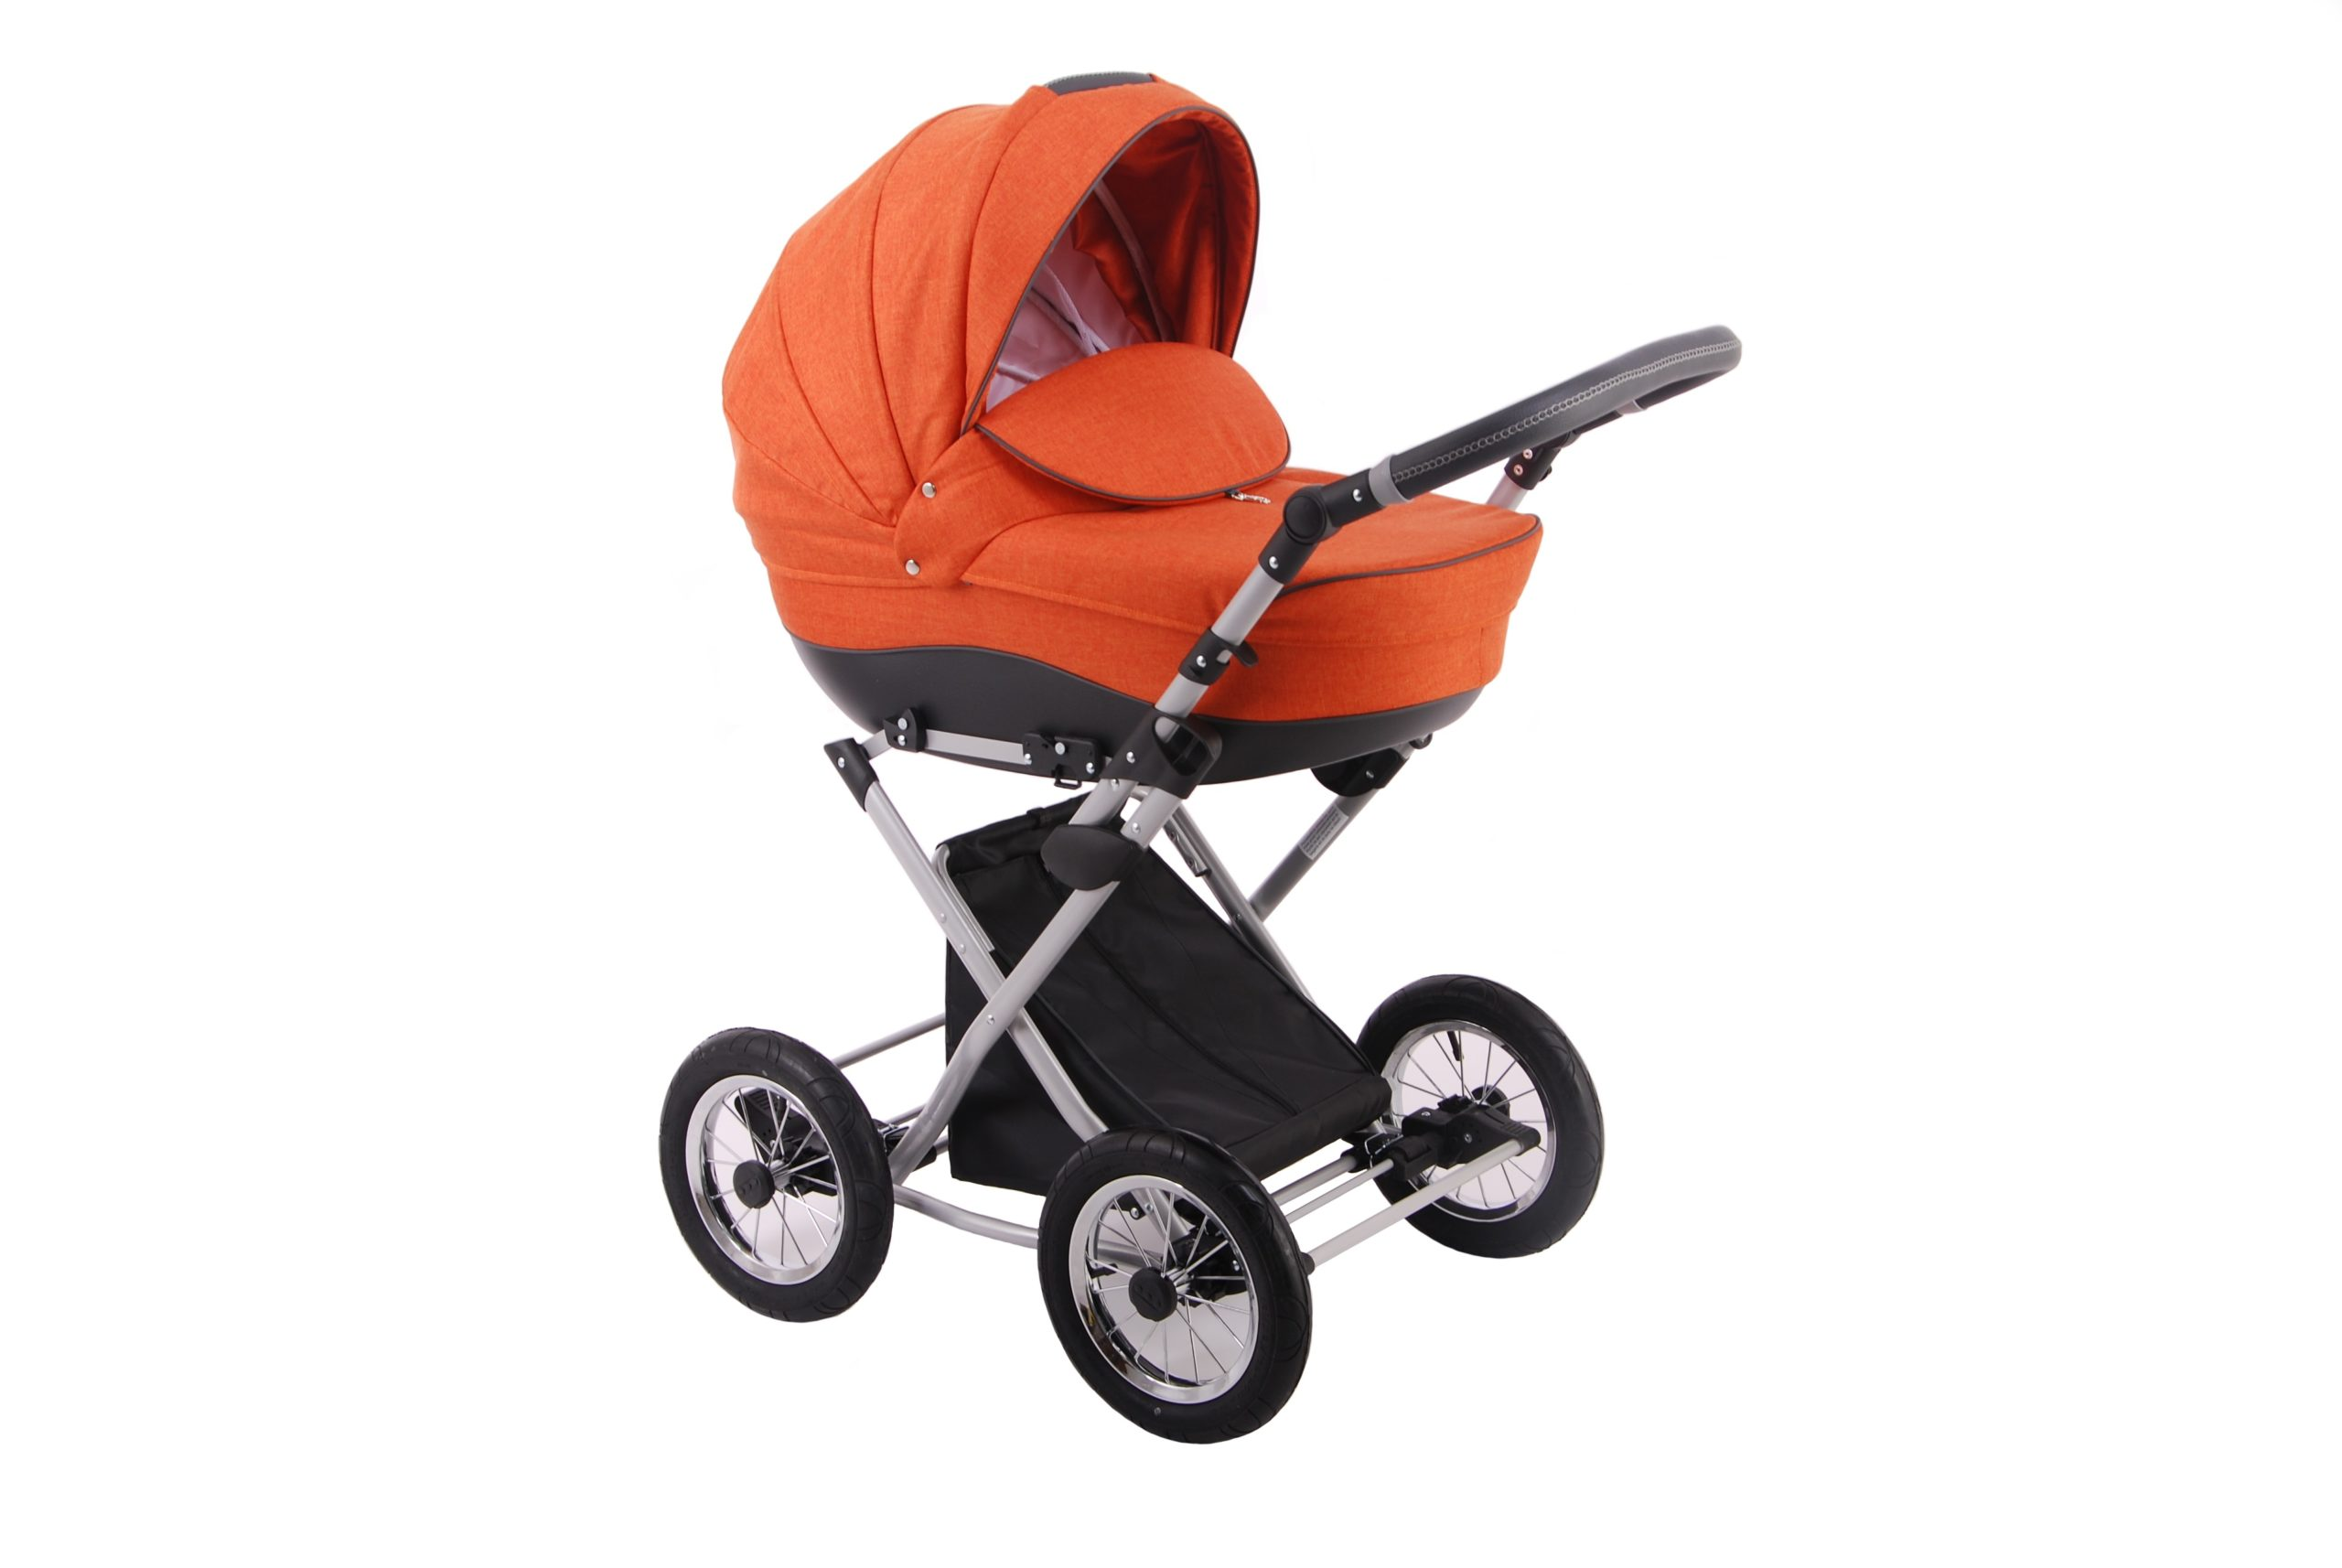 Детская коляска LONEX PARRILLA 2 В 1 (оранжевый)